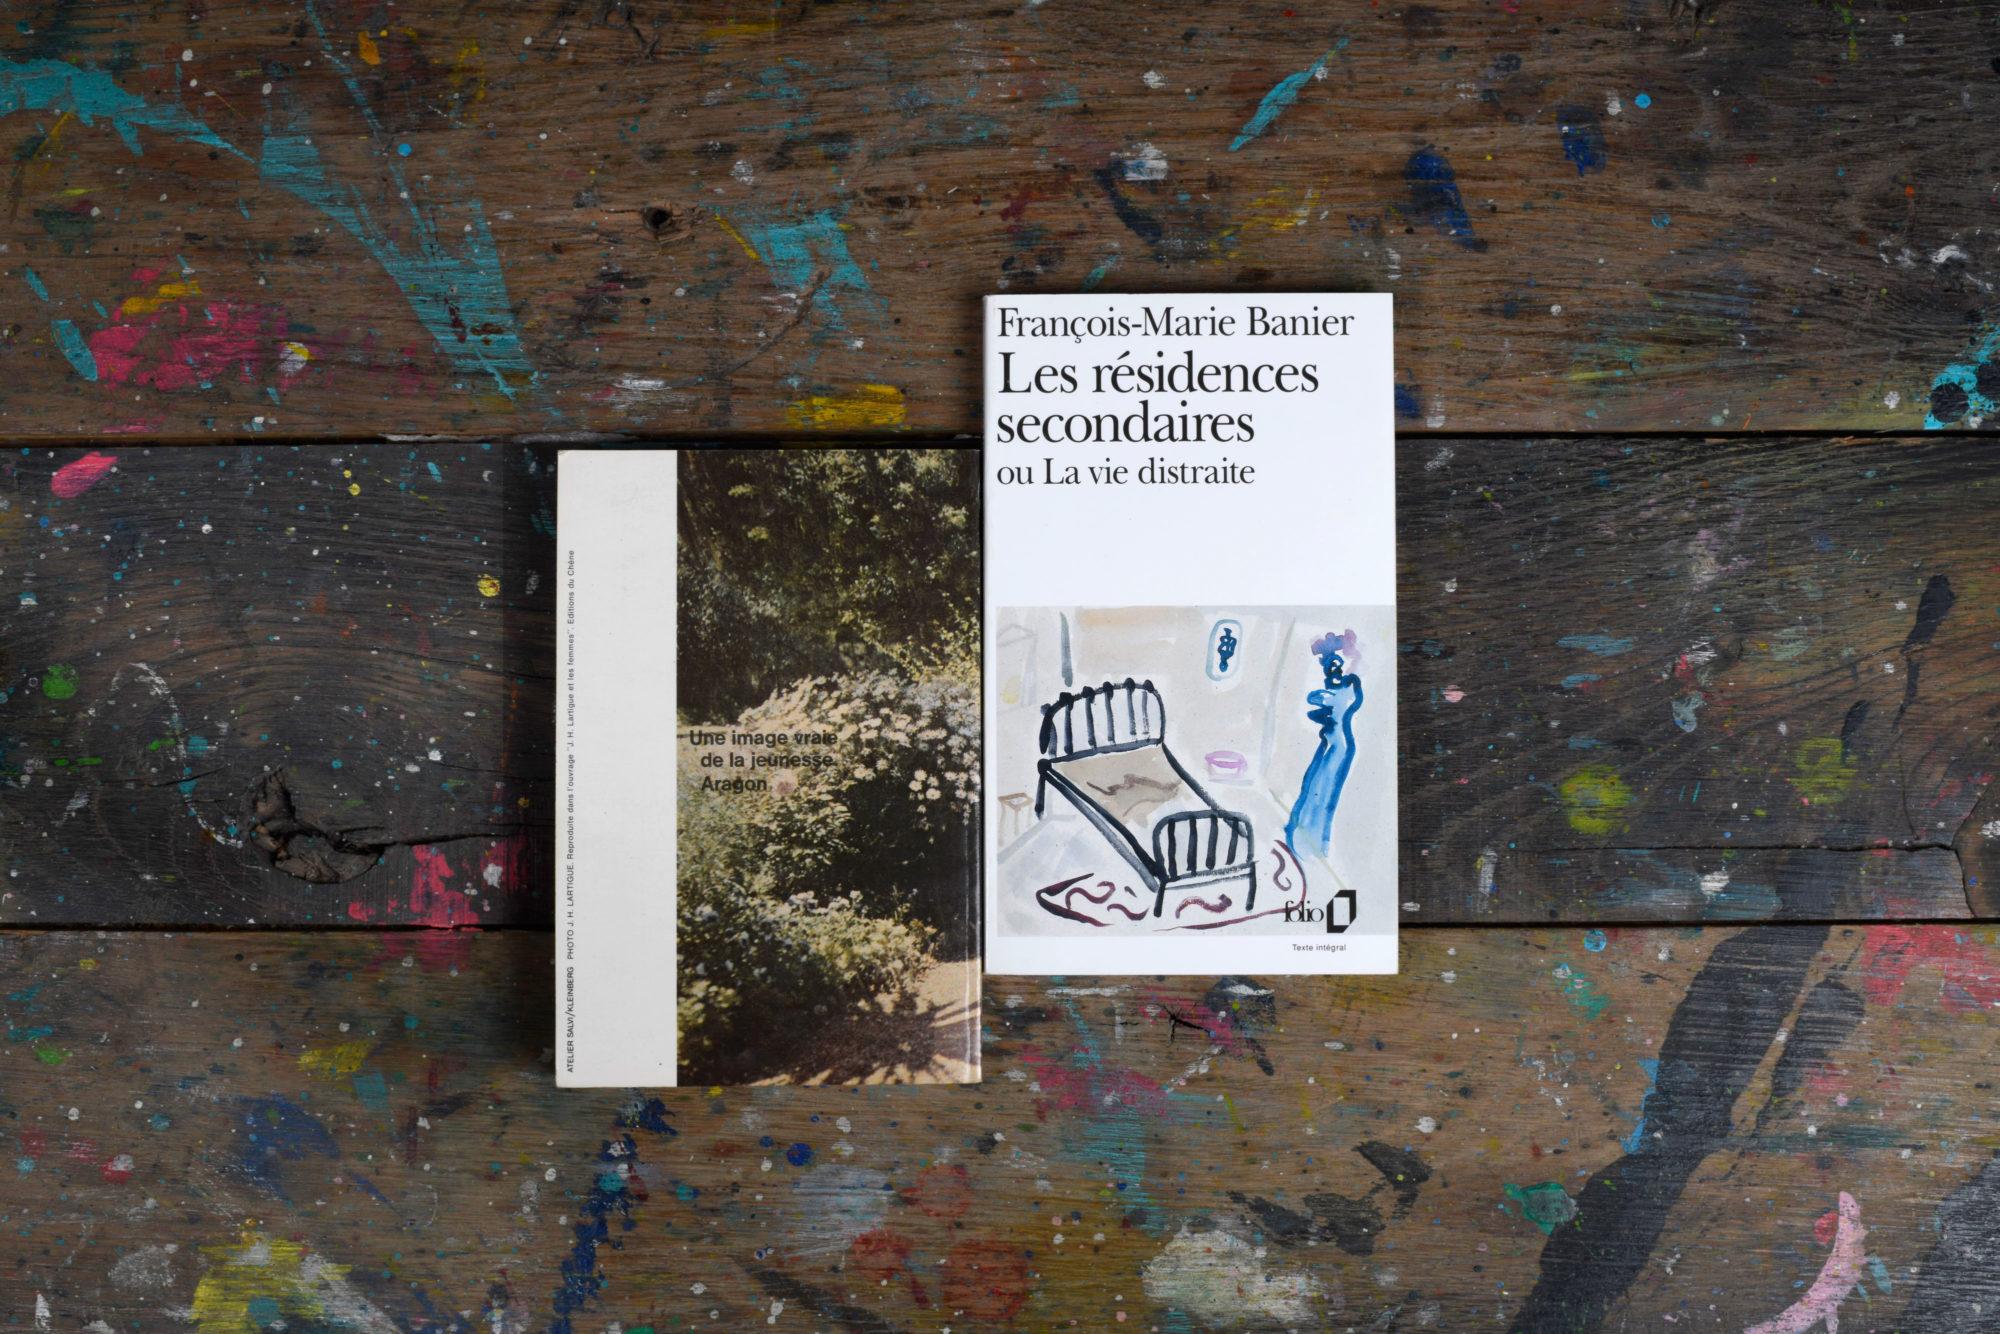 Les résidences secondaires ou La vie distraite - François-Marie Banier